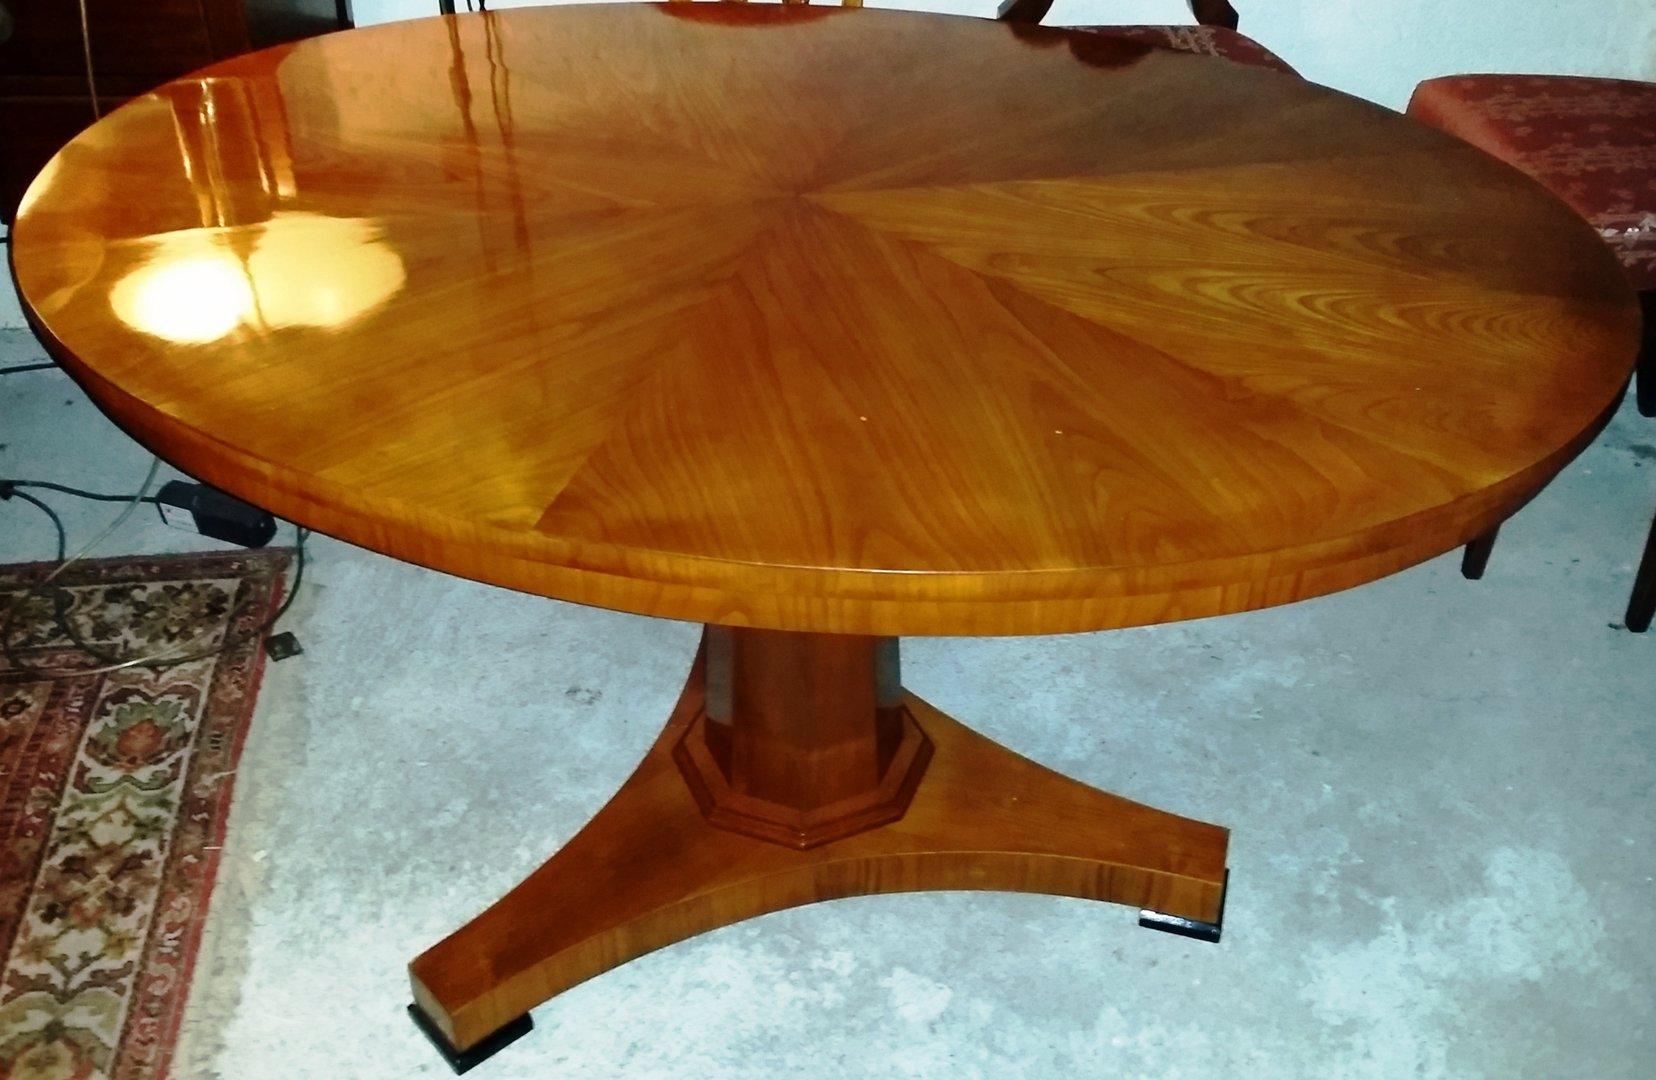 Ovaler klappbarer kirschholz esstisch biedermeier um 1850 for Esstisch kirschholz